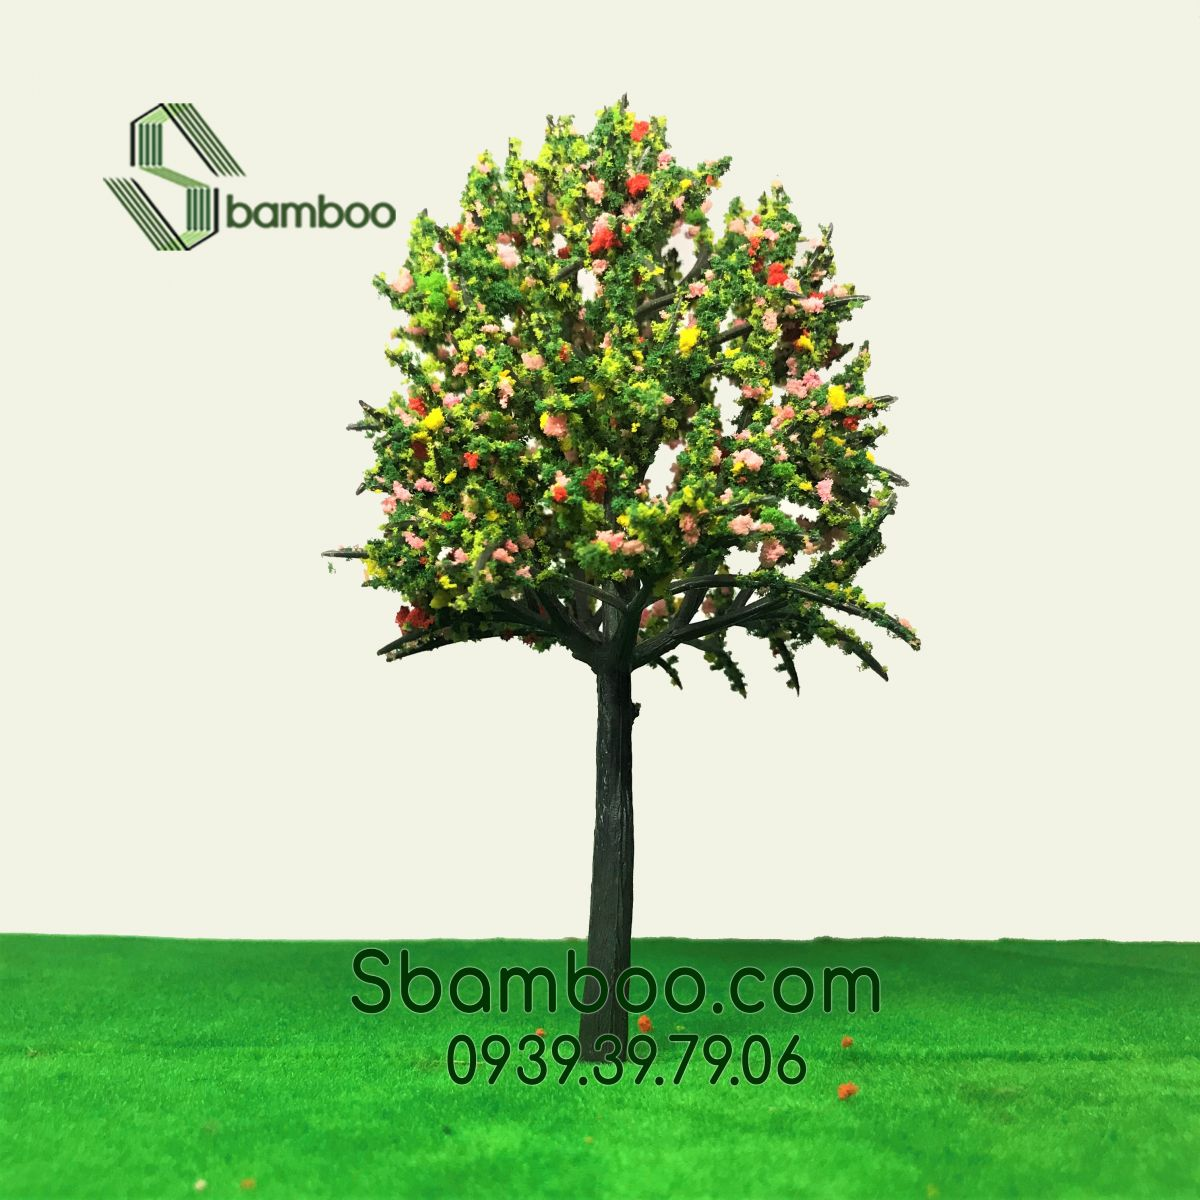 Cây nhựa mô hình tán rộng Sbamboo 14cm